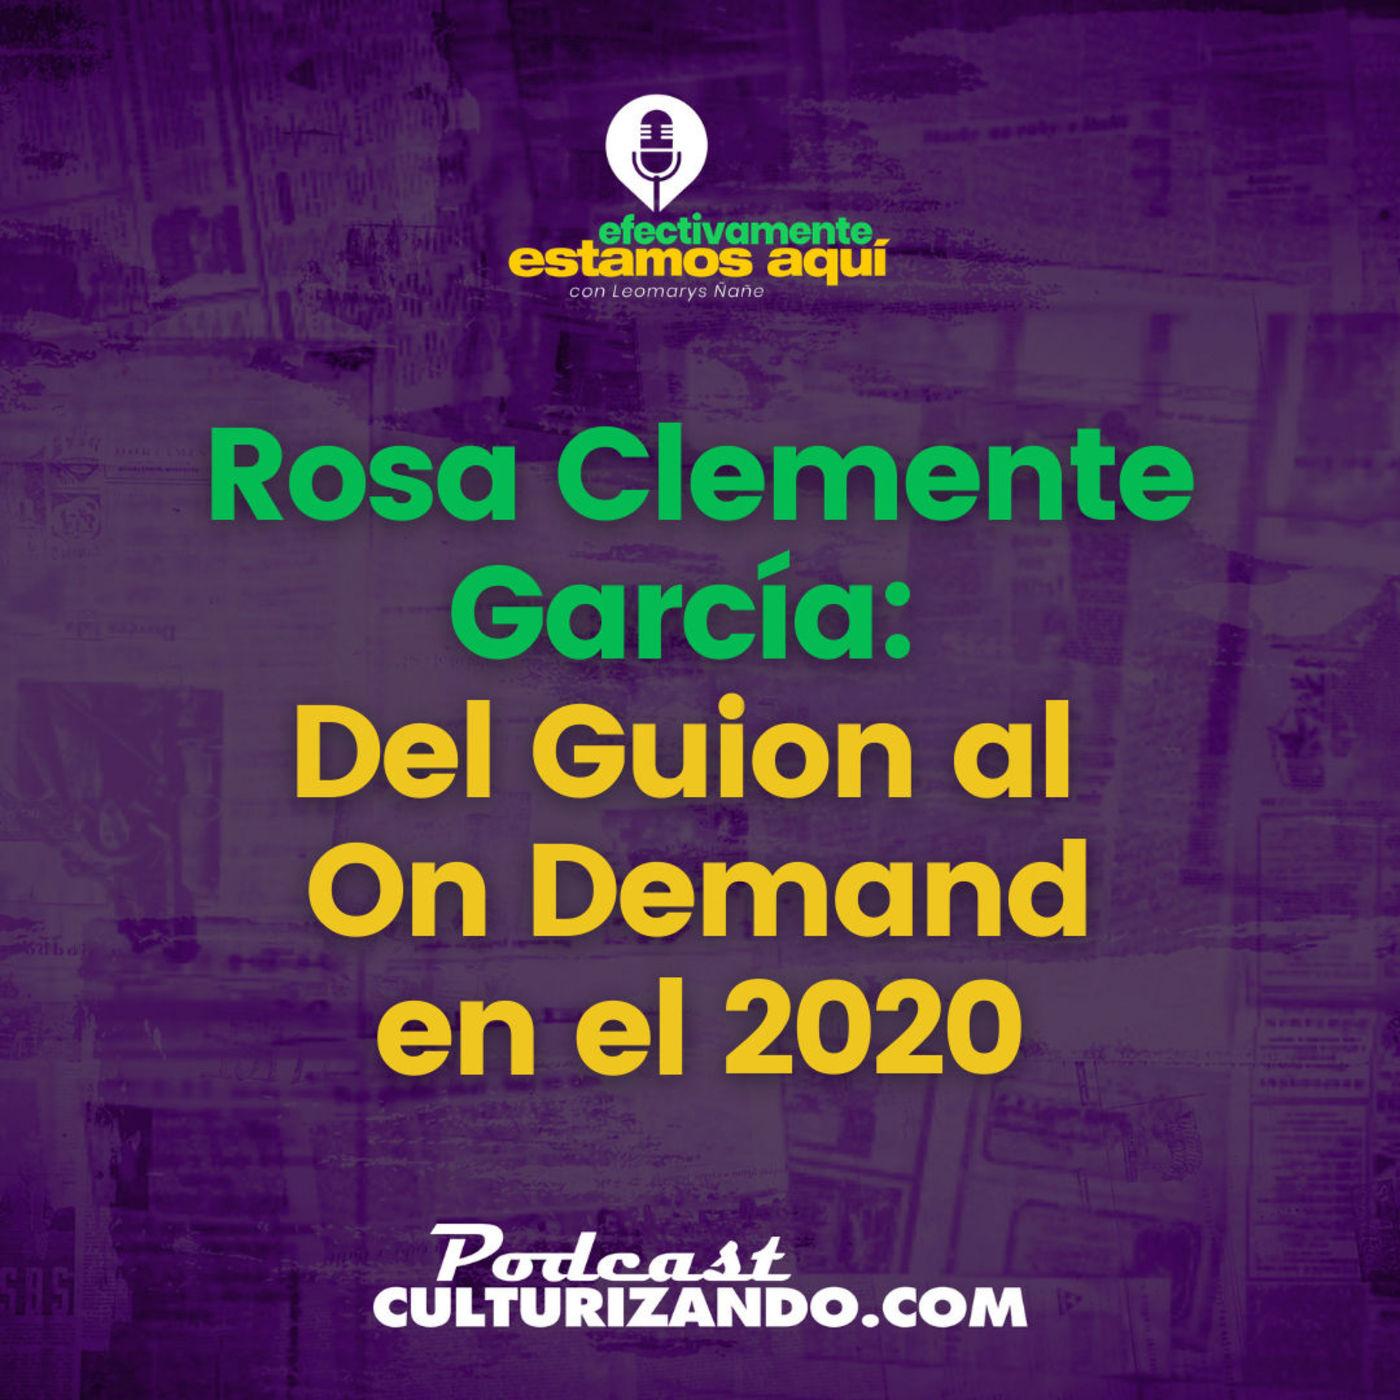 Rosa Clemente García : Del Guion al On Demand en el 2020 – T1 E3 • Culturizando